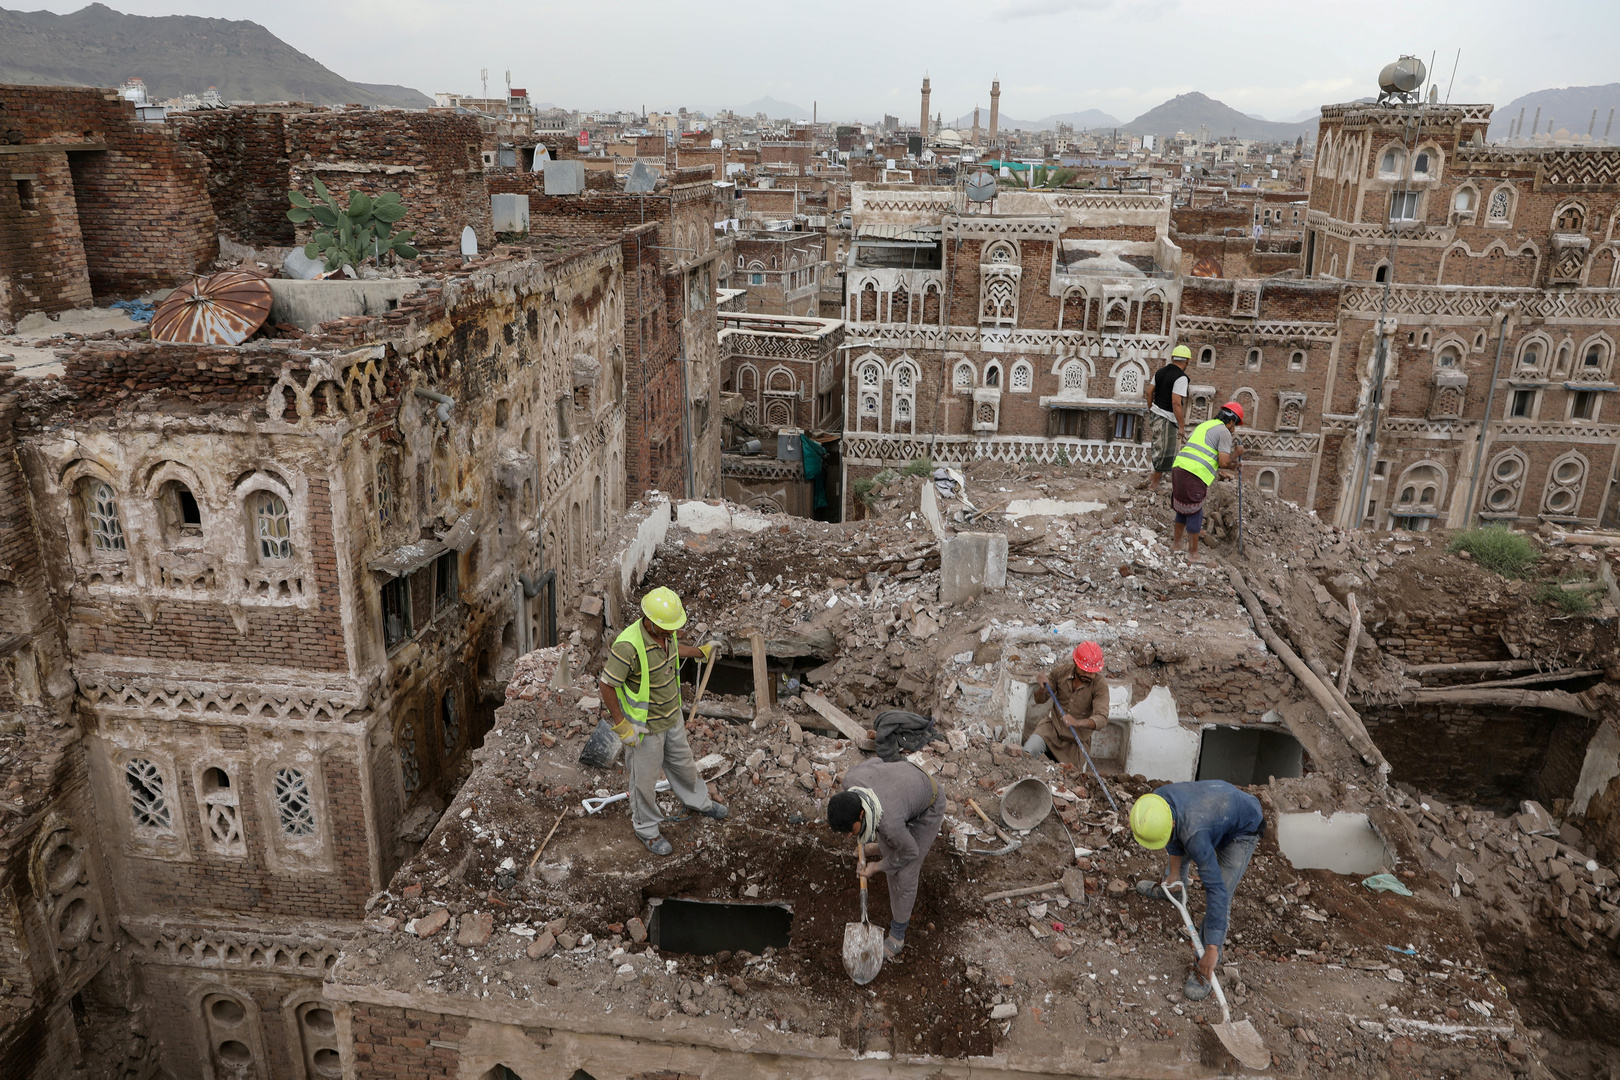 سيول جارفة تقتل 7 أشخاص بينهم نساء وأطفال شرقي اليمن